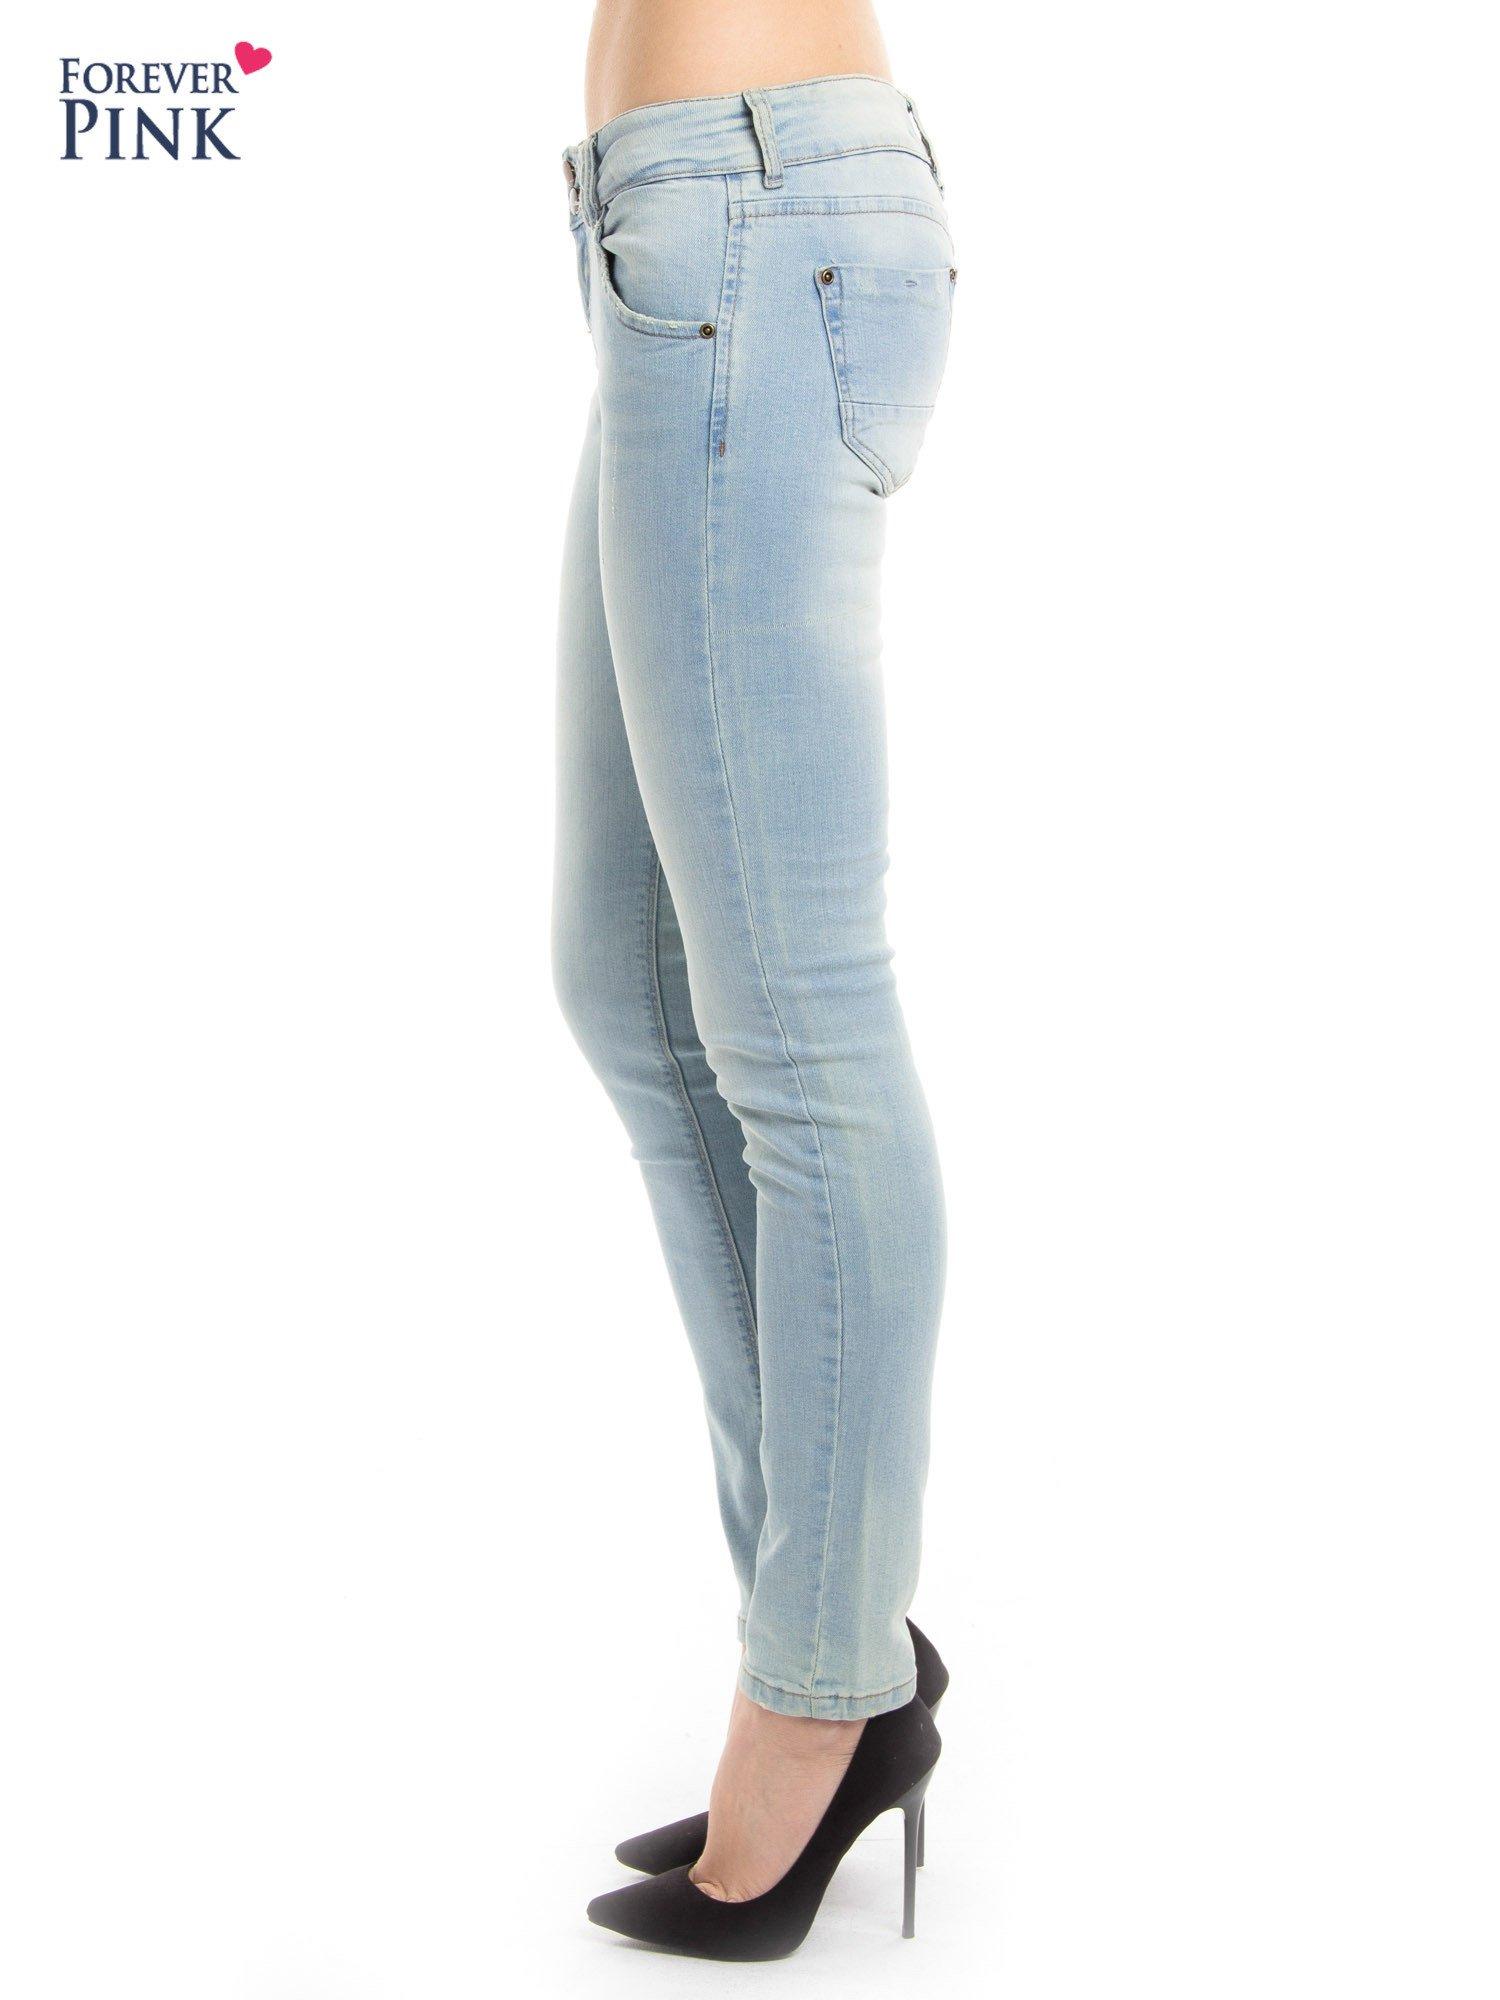 Błękitne jeansy biodrówki na dwa guziki                                  zdj.                                  2